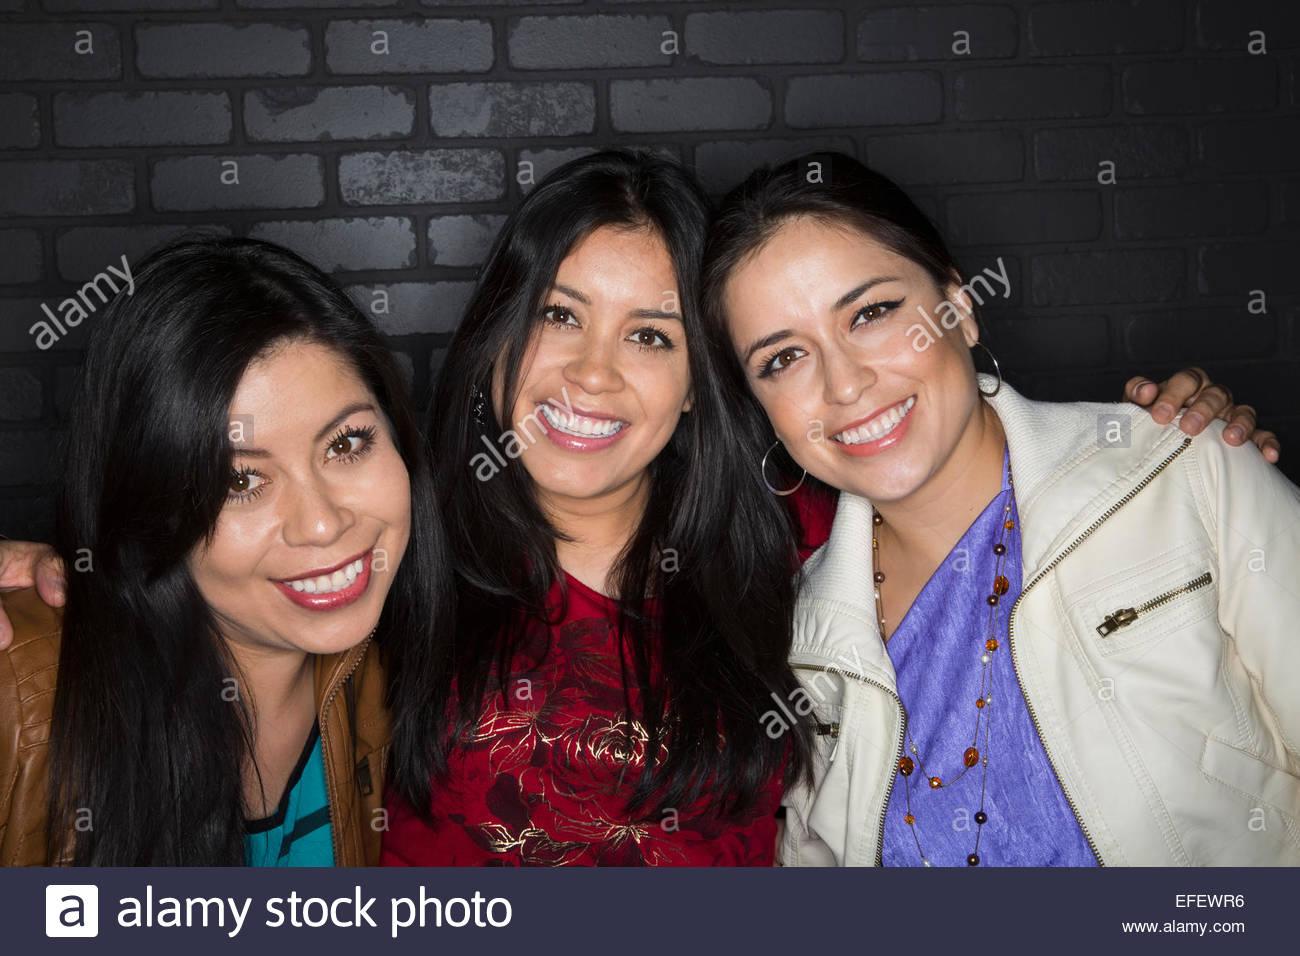 Retrato de hermanas sonrientes abrazos Imagen De Stock